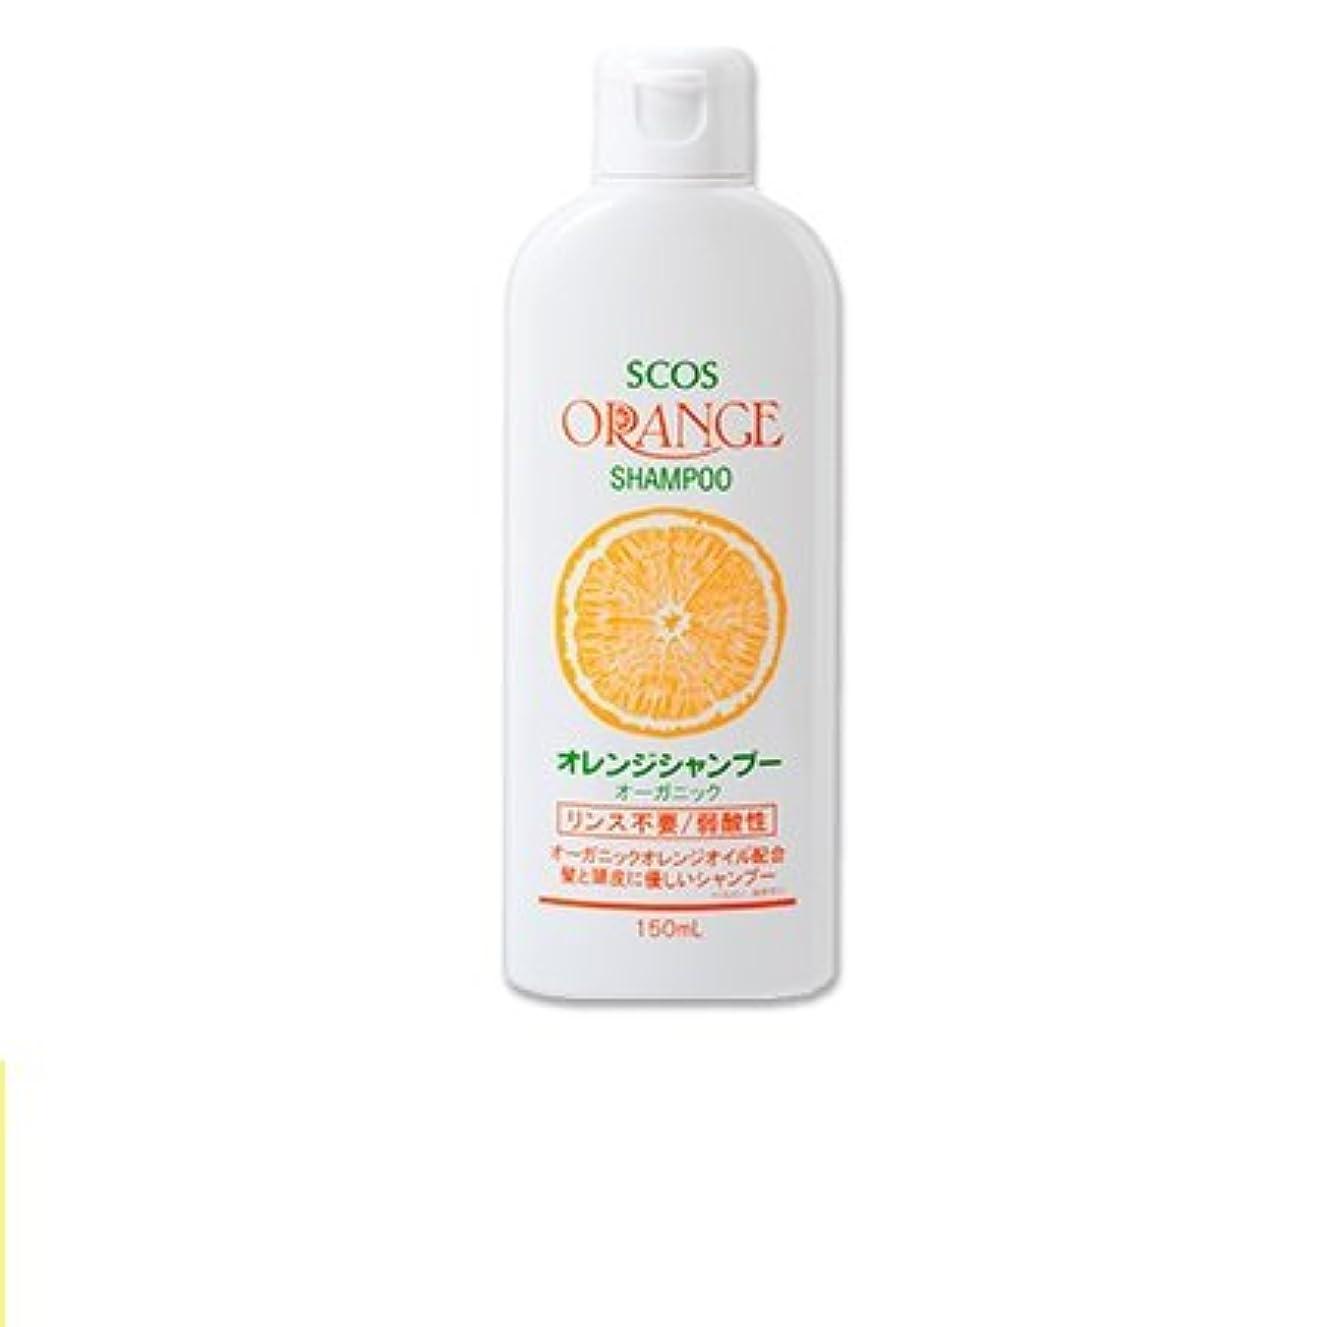 単位置換永久エスコス オレンジシャンプーオーガニック (150ml)